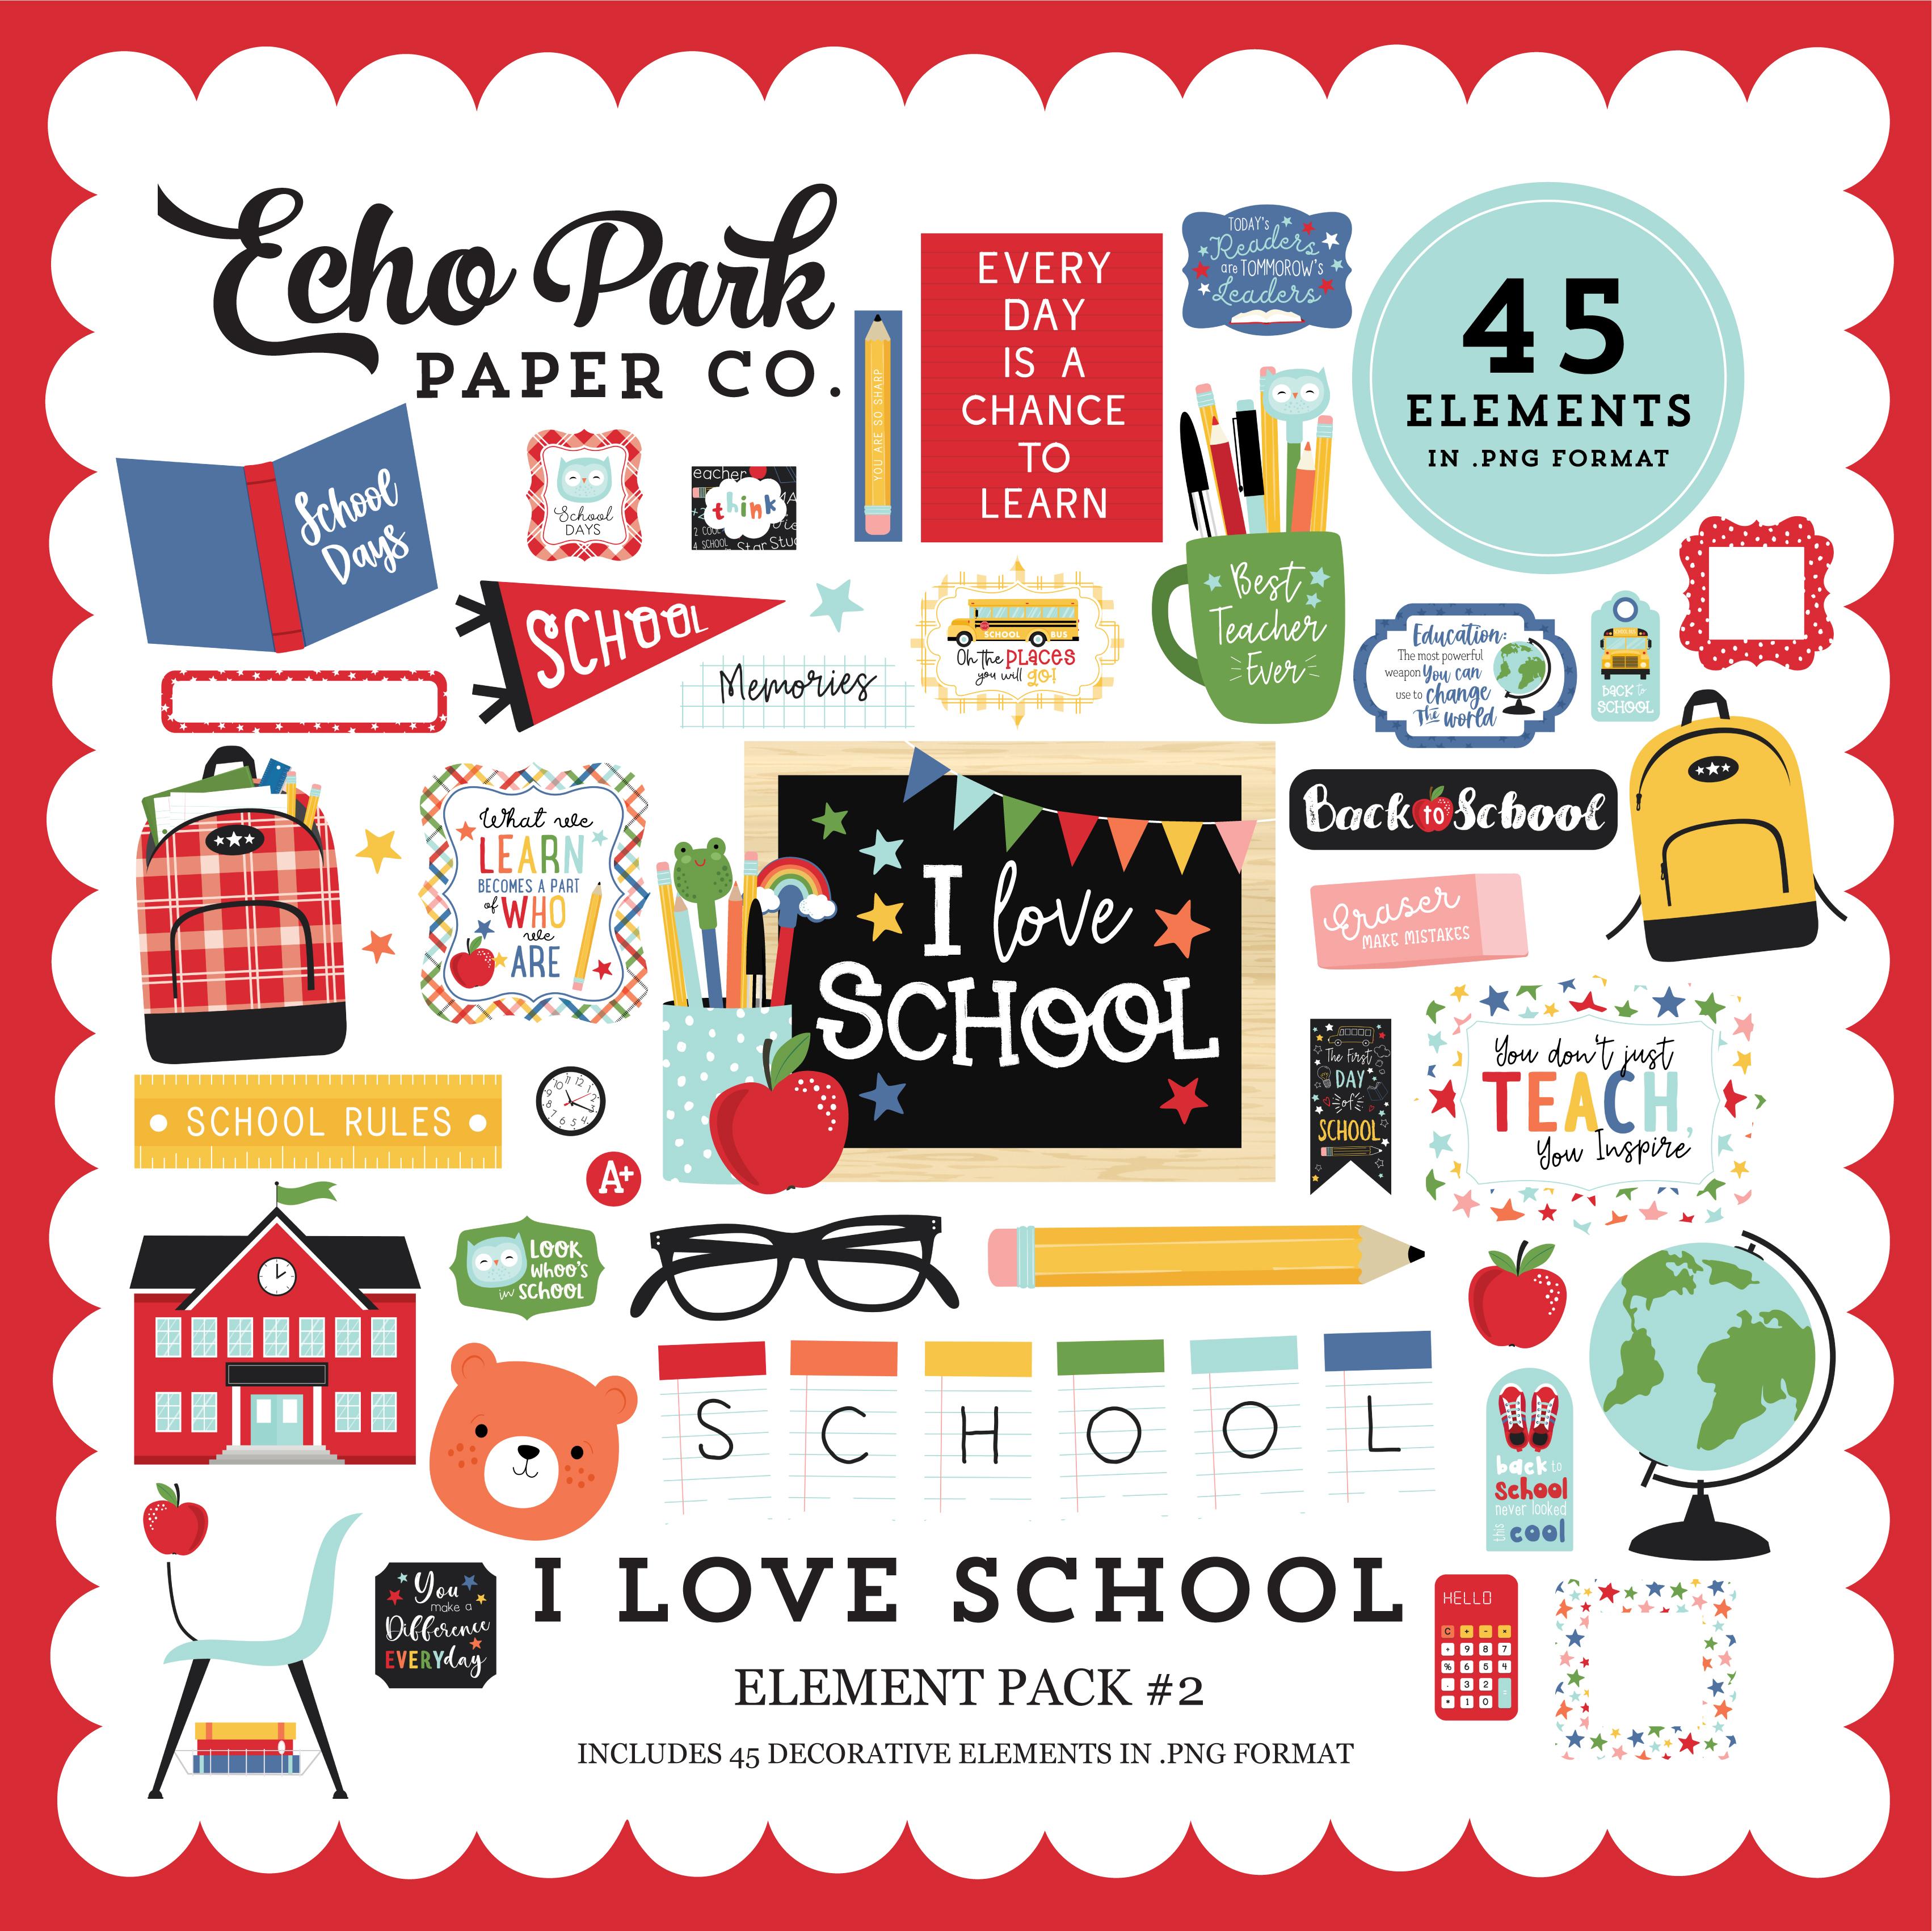 I Love School Element Pack #2